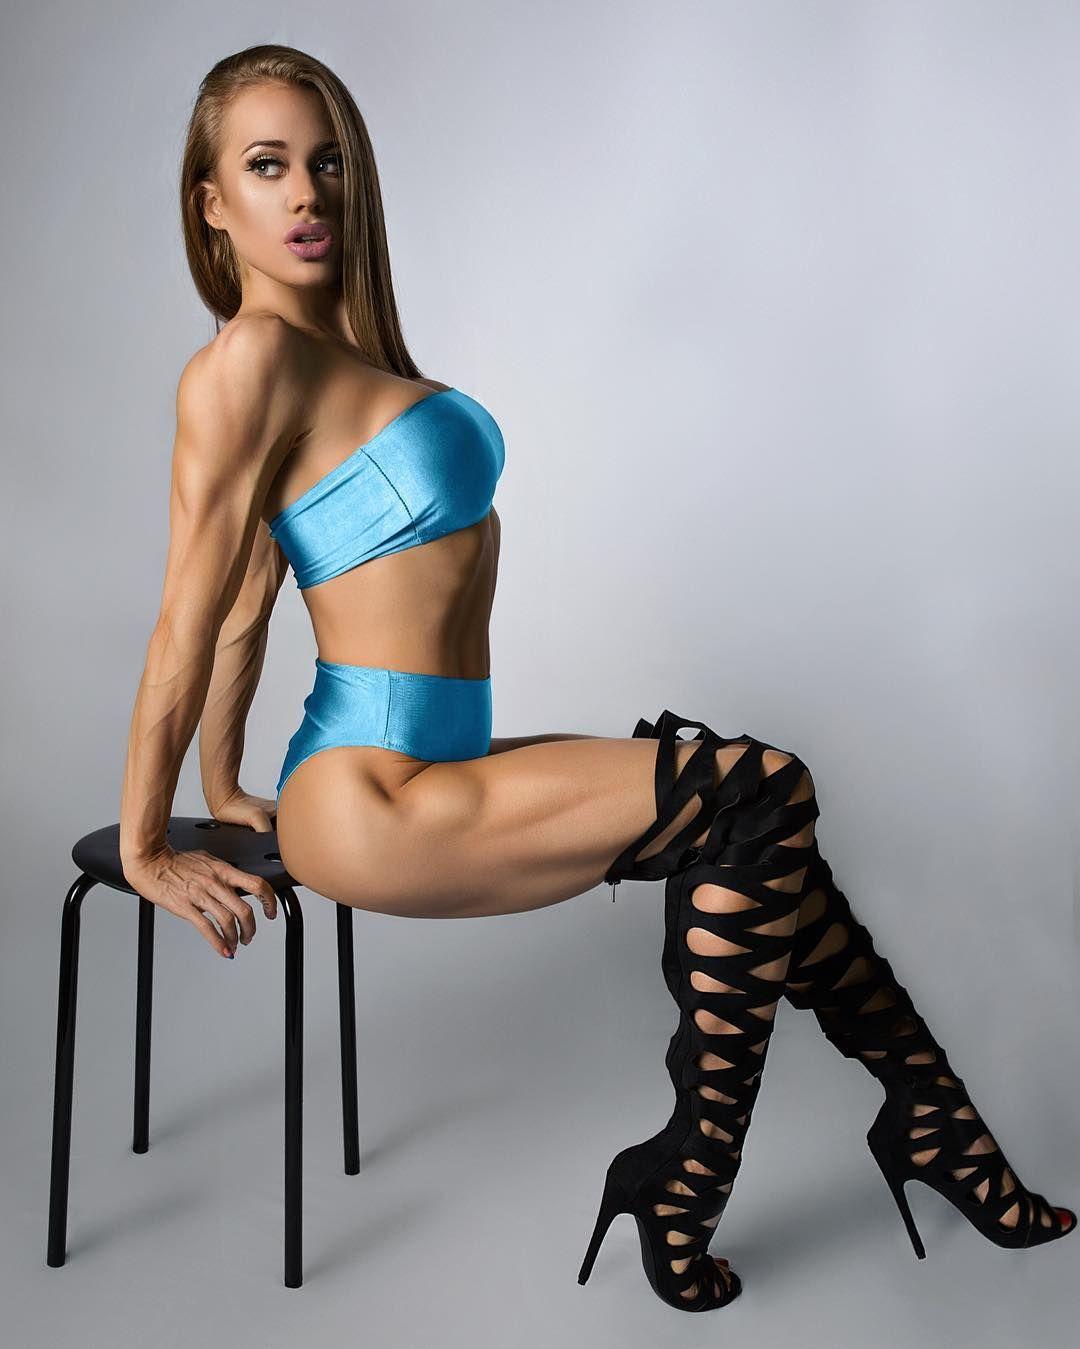 Pictures Samantha Skolkin nude photos 2019